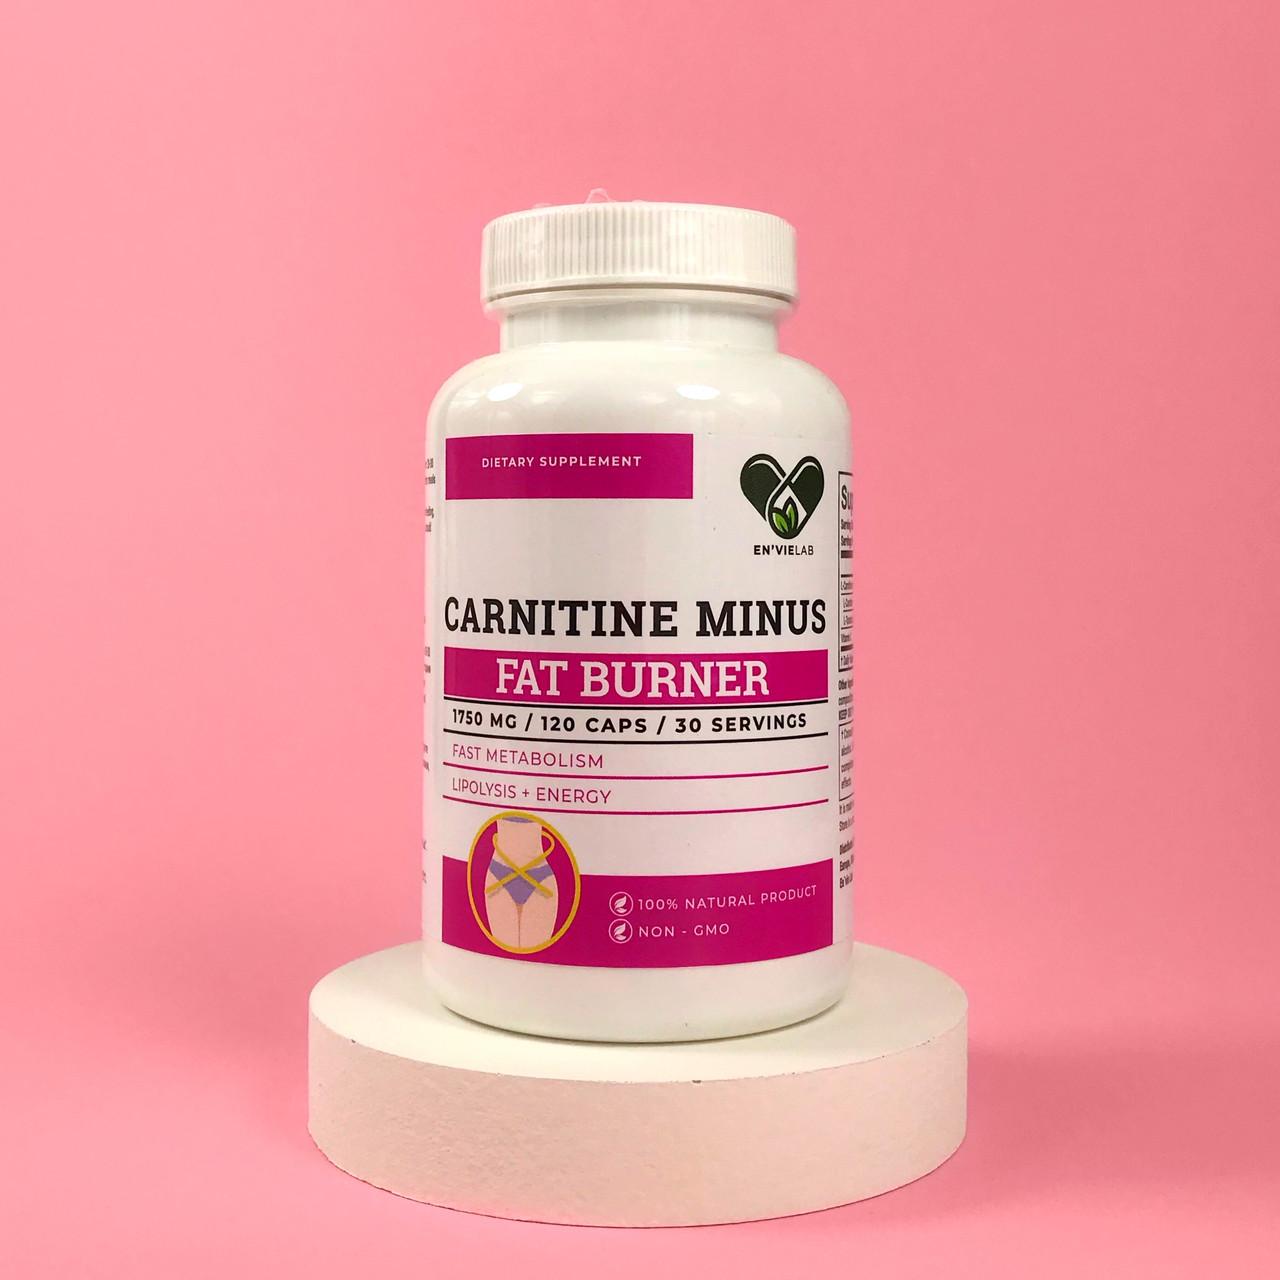 L-Карнітин для схуднення 1500 mg. Carnitine MINUS від ENVIE LAB